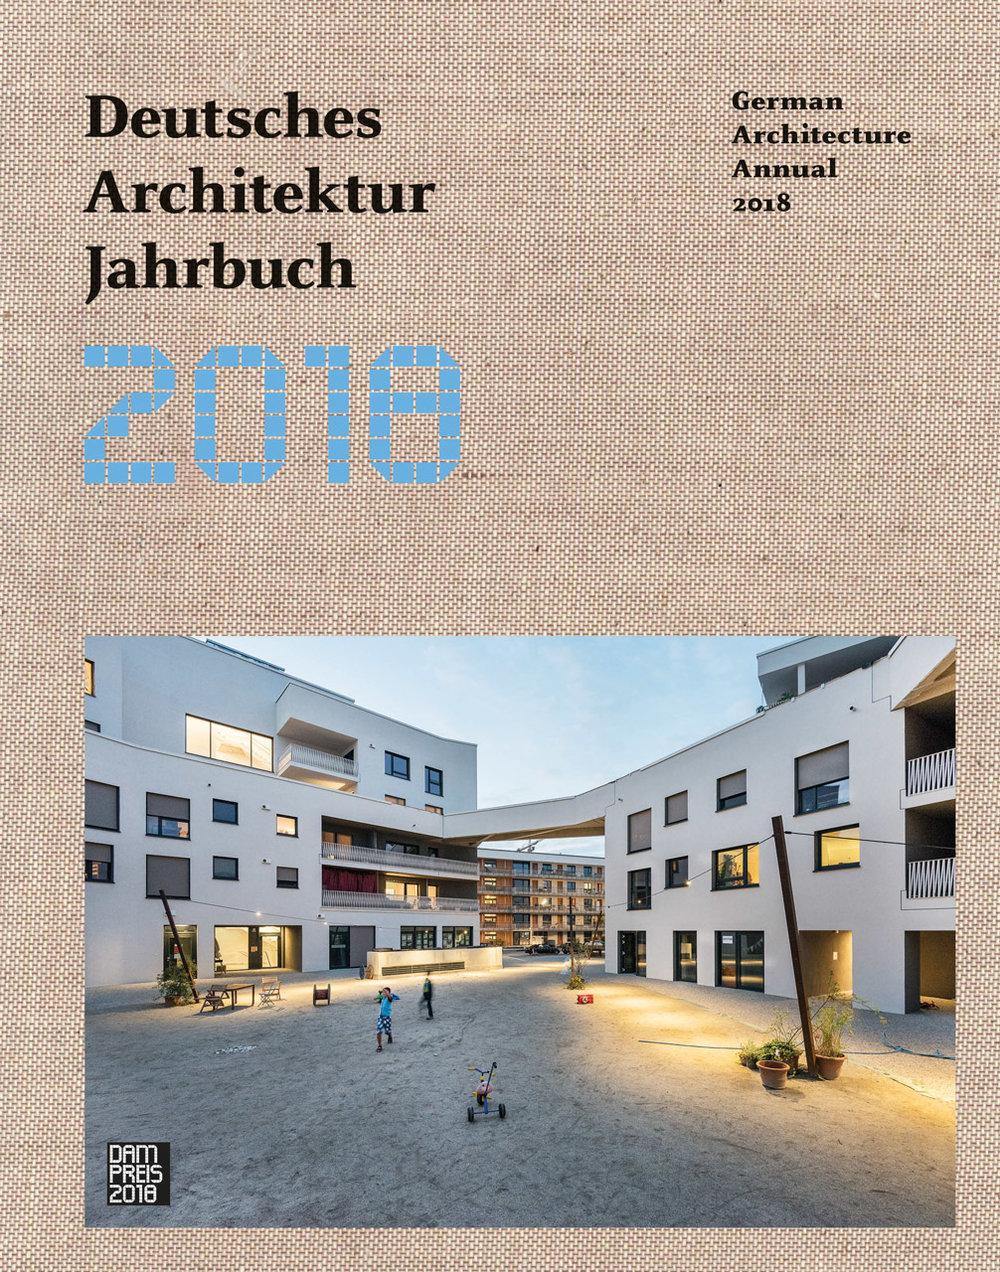 DAM-Jahrbuch.jpg